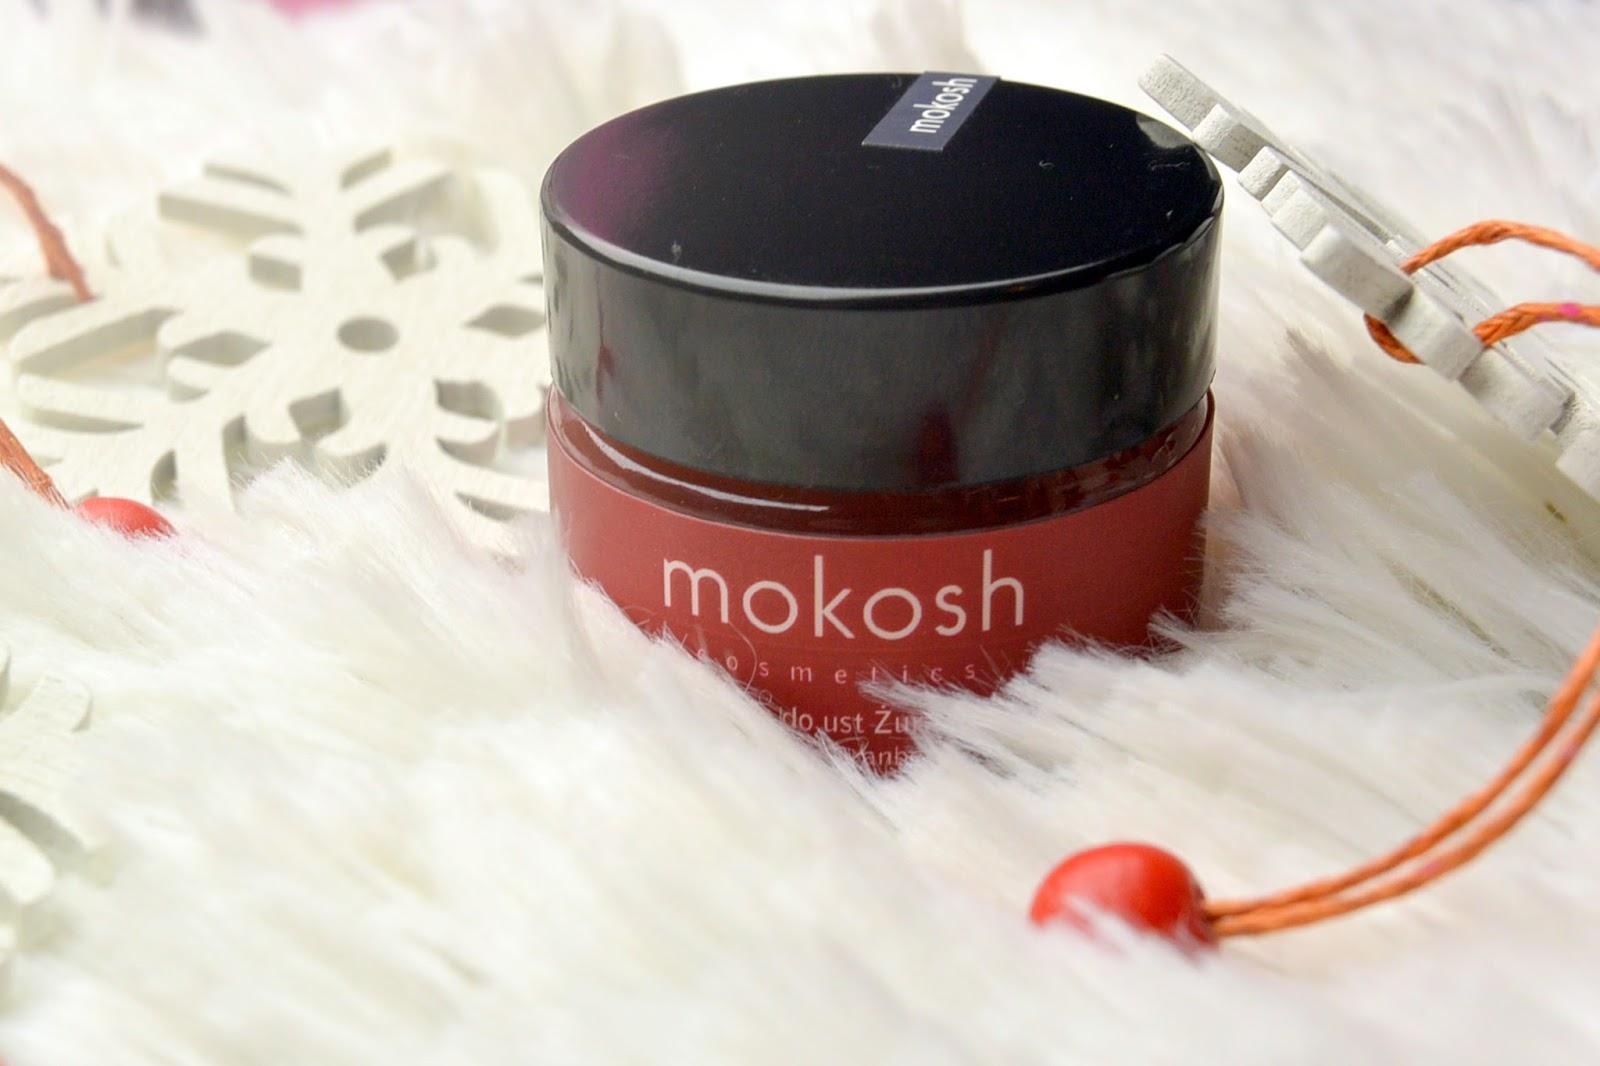 Żurawinowy balsam do ust Mokosh Cosmetics WOW!